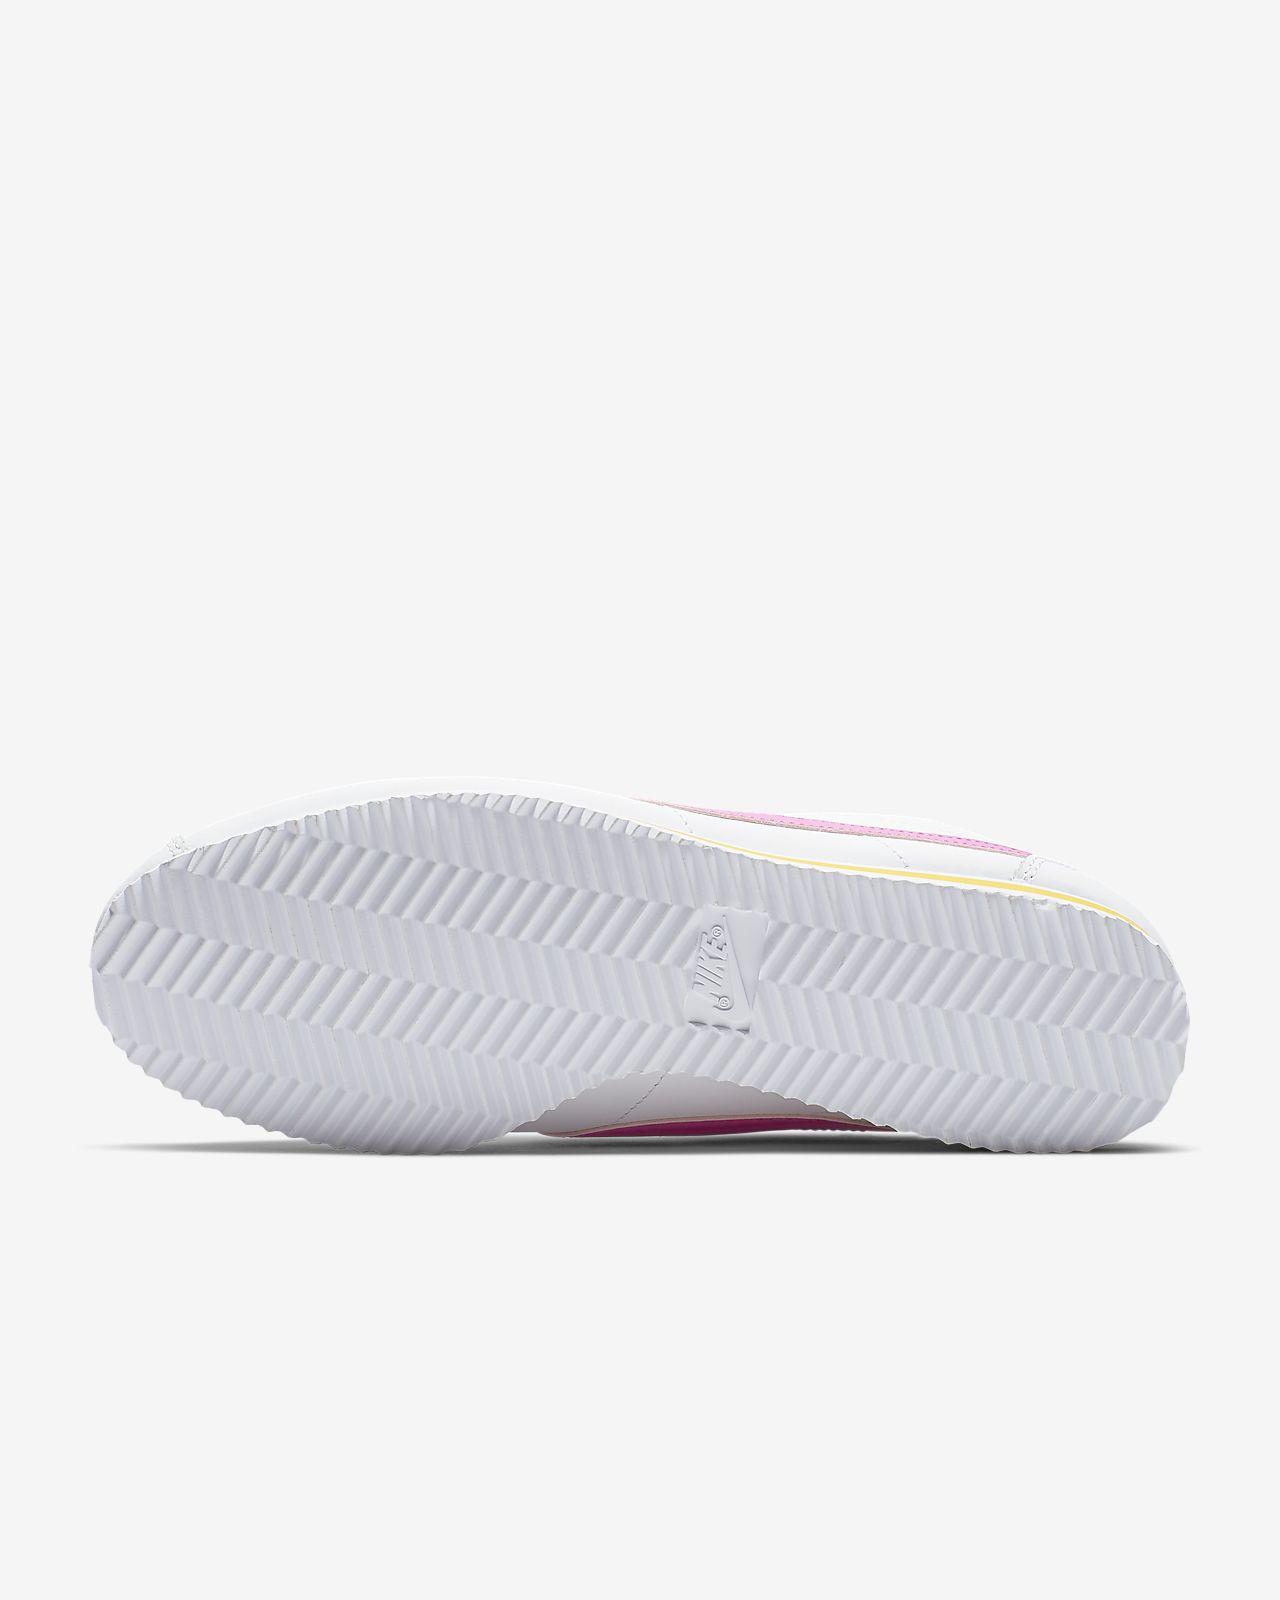 0d987f49e775 Nike Classic Cortez Women s Shoe. Nike.com GB